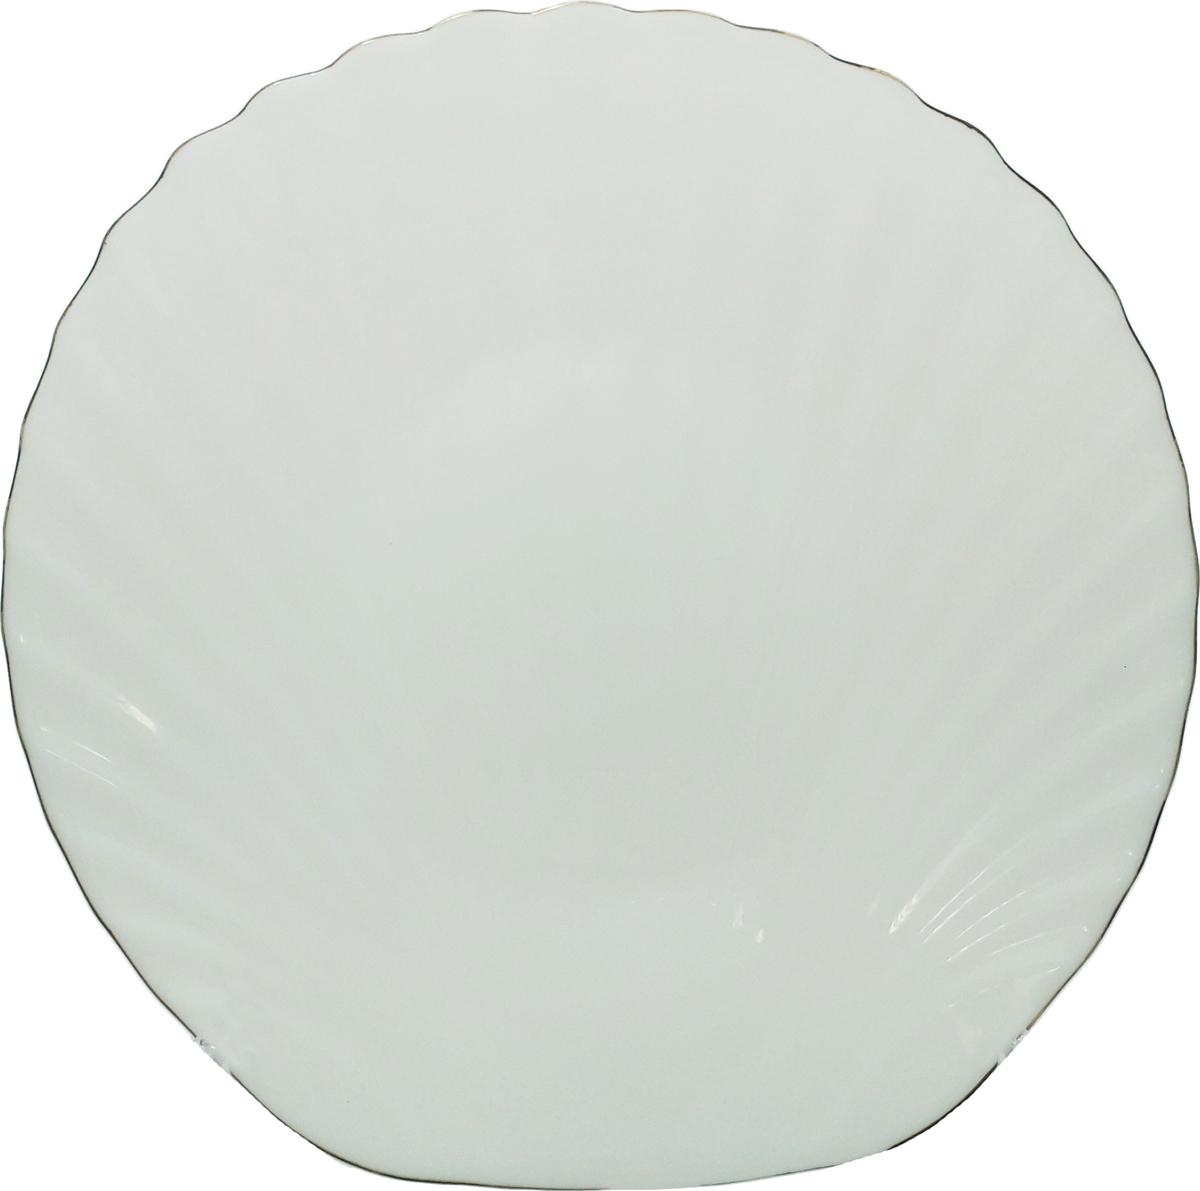 """Оригинальная тарелка из тонкой стеклокерамики выгодно подчеркнет интерьер вашей кухни. Изящный дизайн придется по  вкусу и ценителям классики, и тем, кто предпочитает утонченность.  Тарелка """"Chinbull"""" идеально подойдет для сервировки  стола и станет отличным подарком к любому празднику. Не рекомендуется использовать в микроволновой печи."""